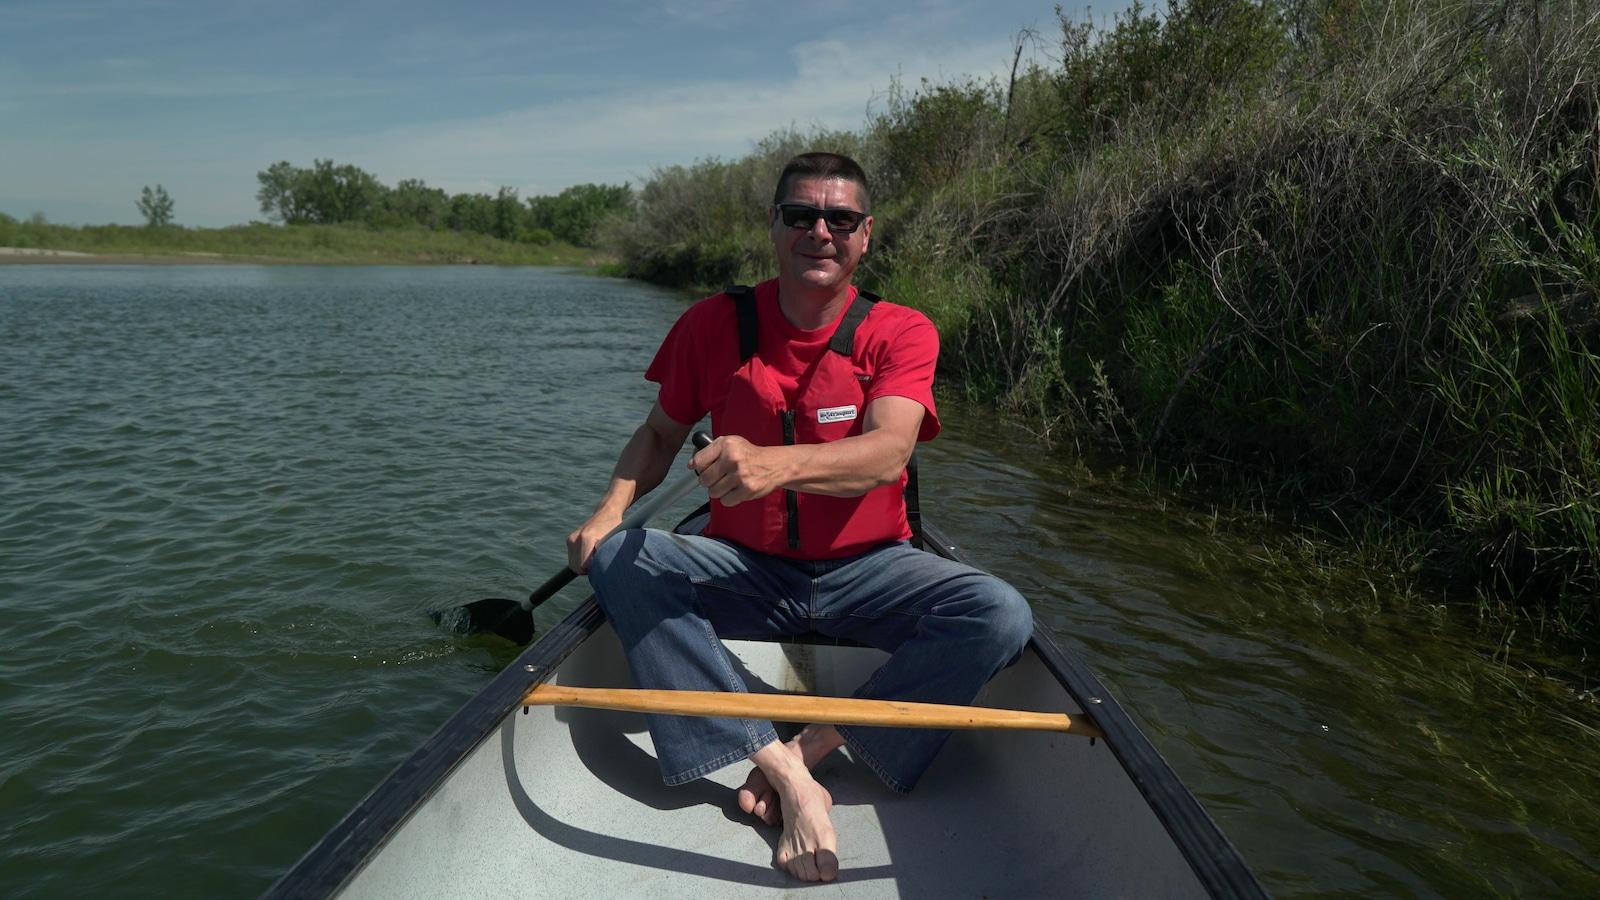 Dany dans son canot sur la rivière Saskatchewan Sud